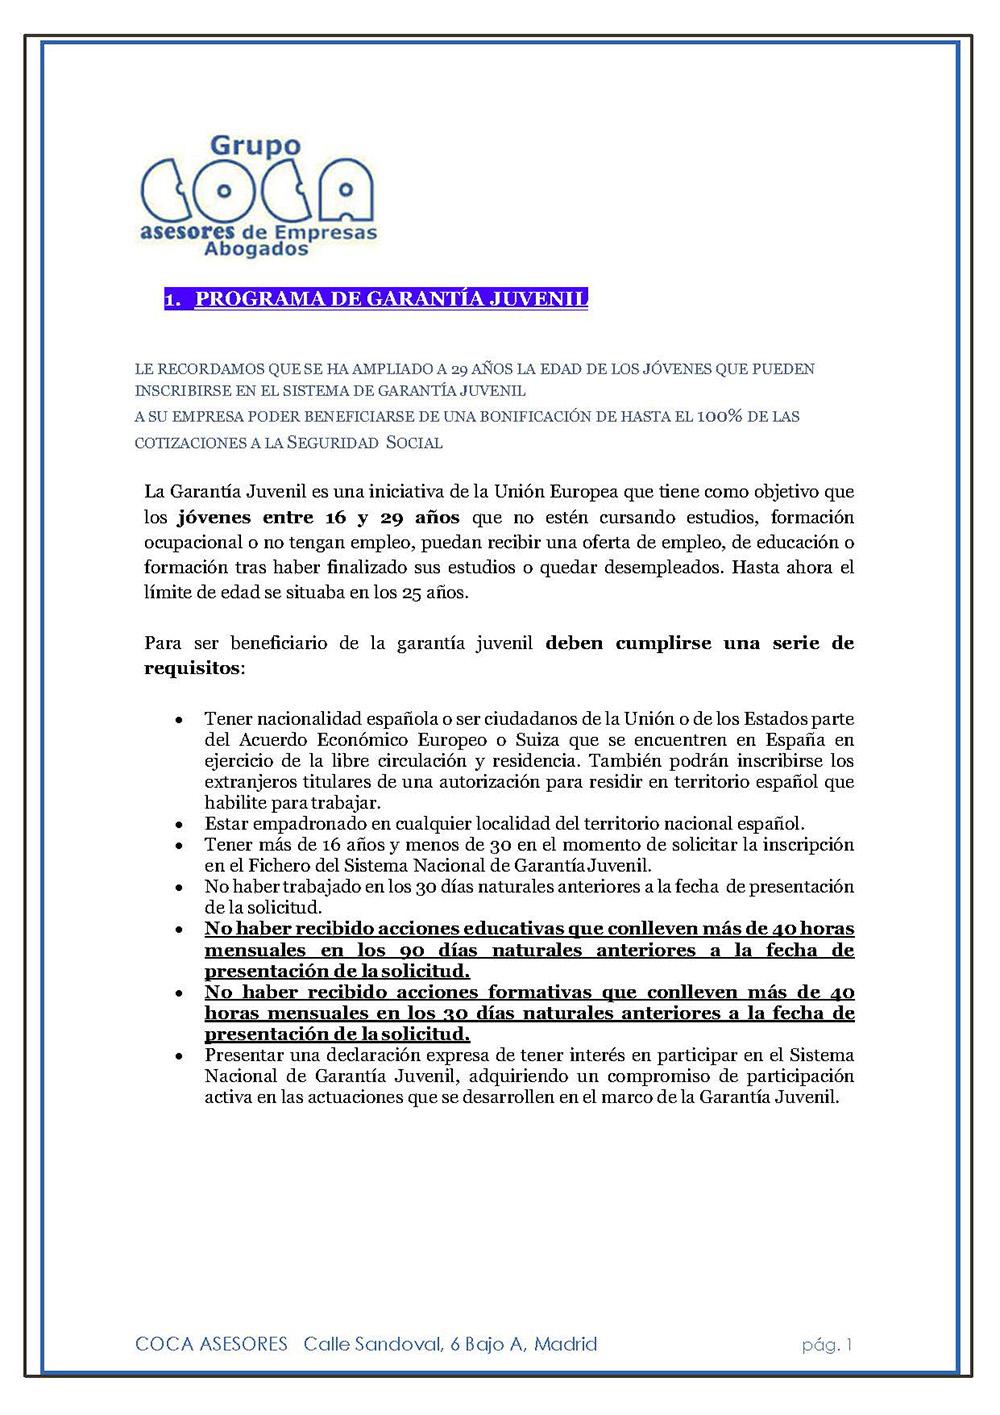 DOSSIER COCA ASESORES DESAYUNO INFORMATIVO